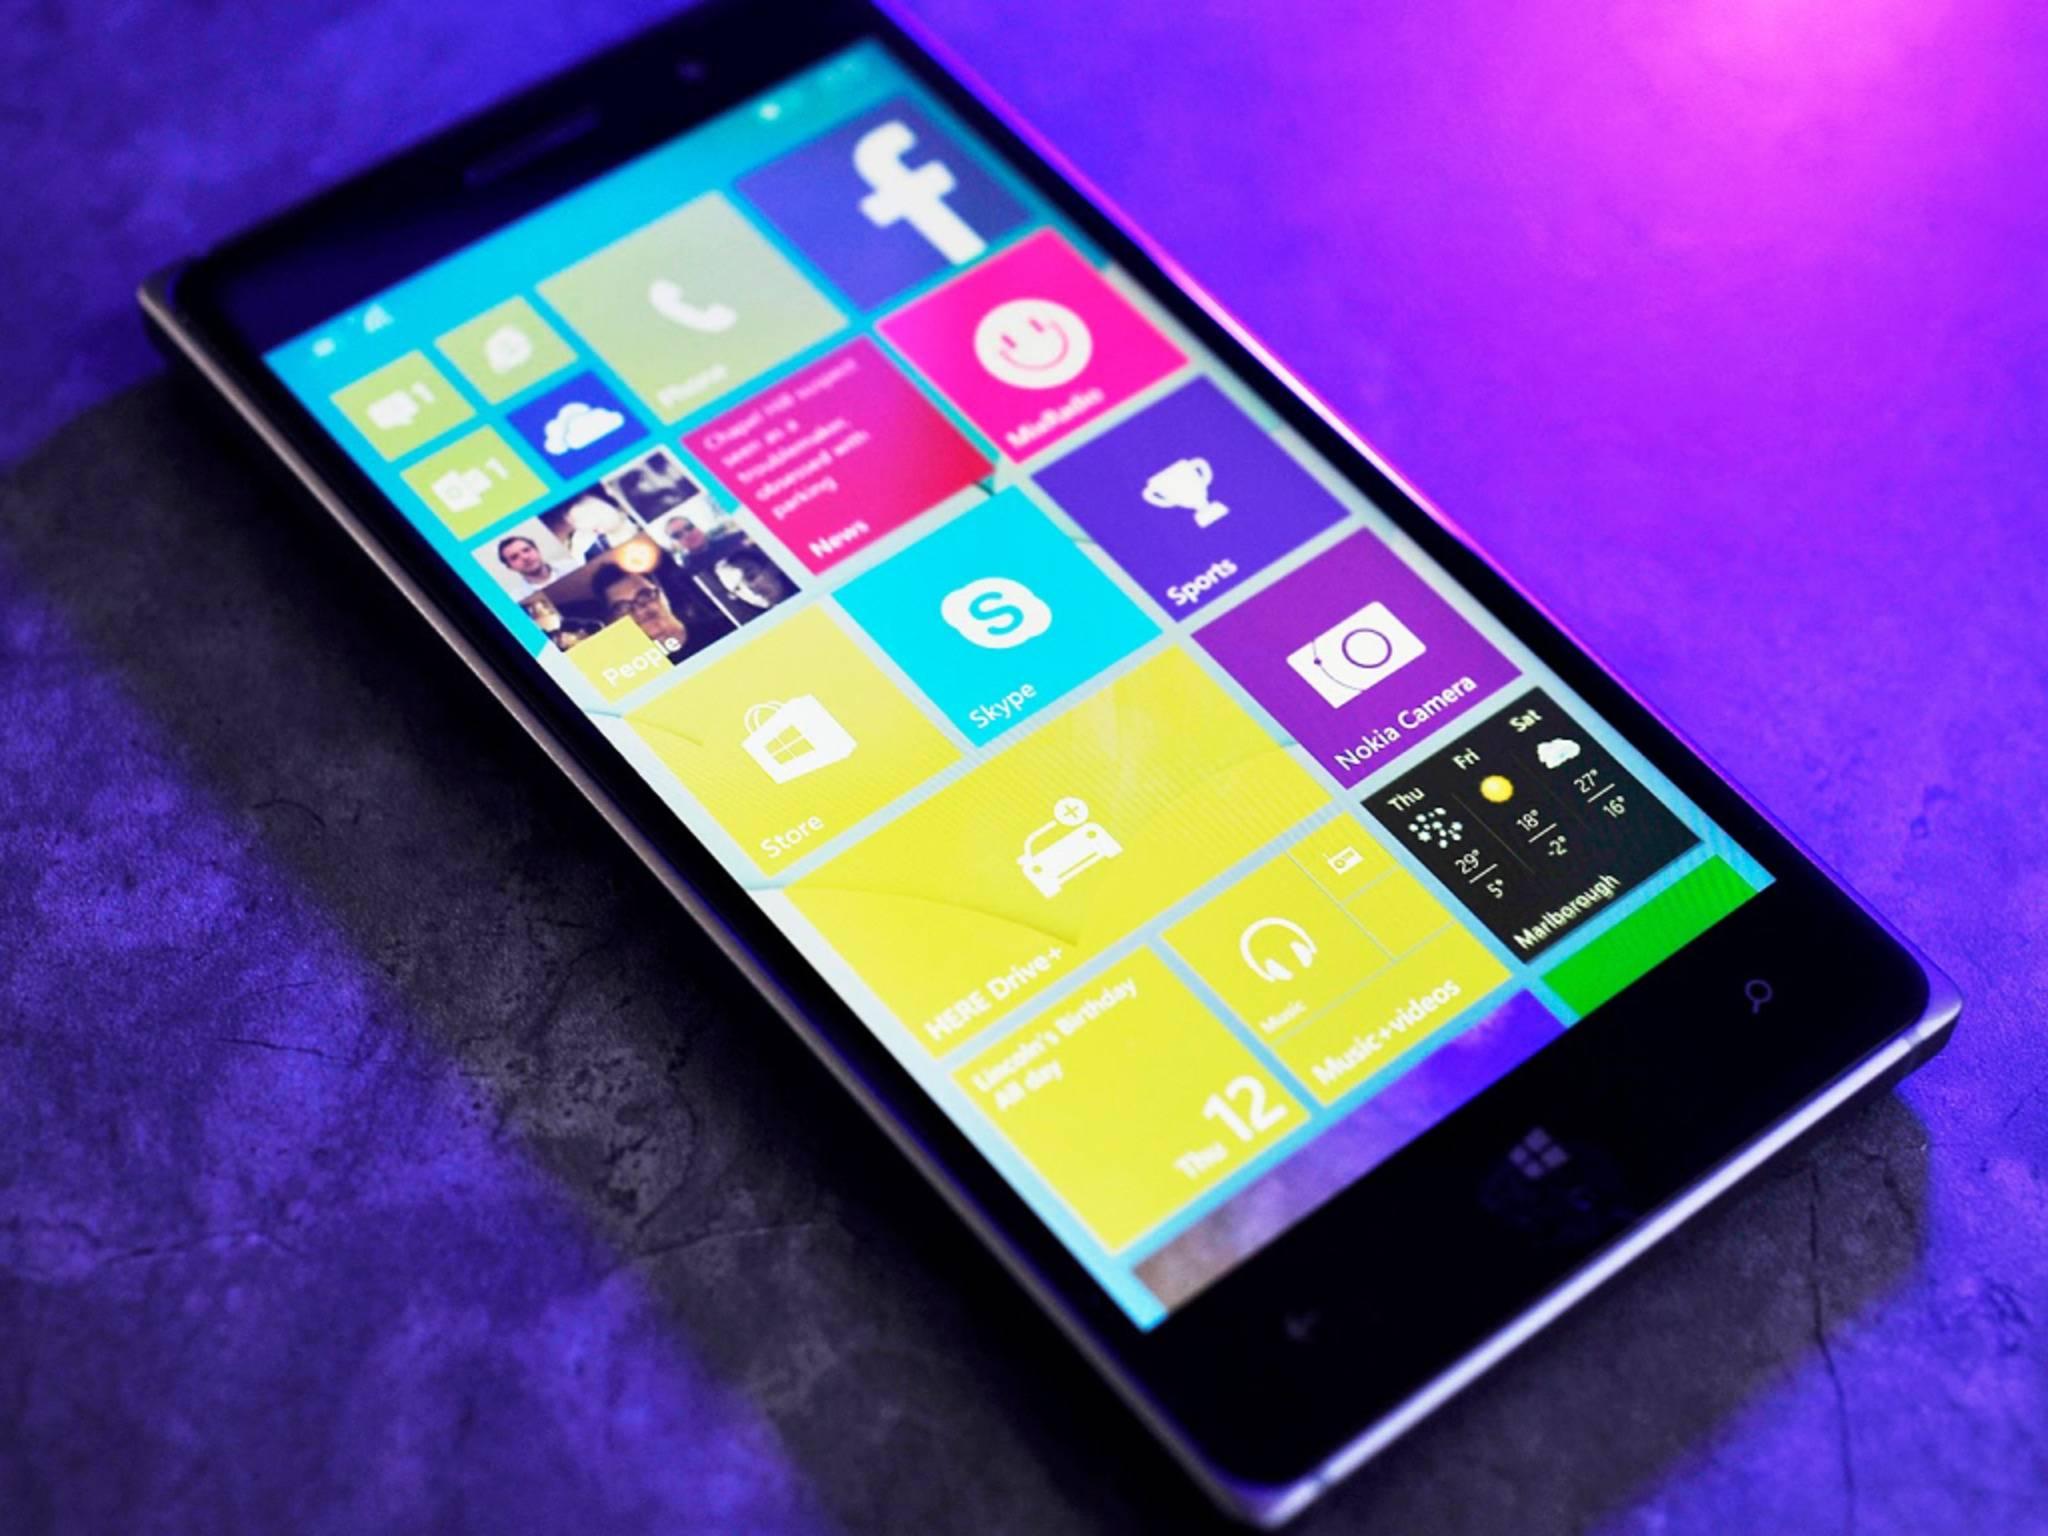 Wird Windows 10 Mobile endlich auch Google-Apps mitbringen?